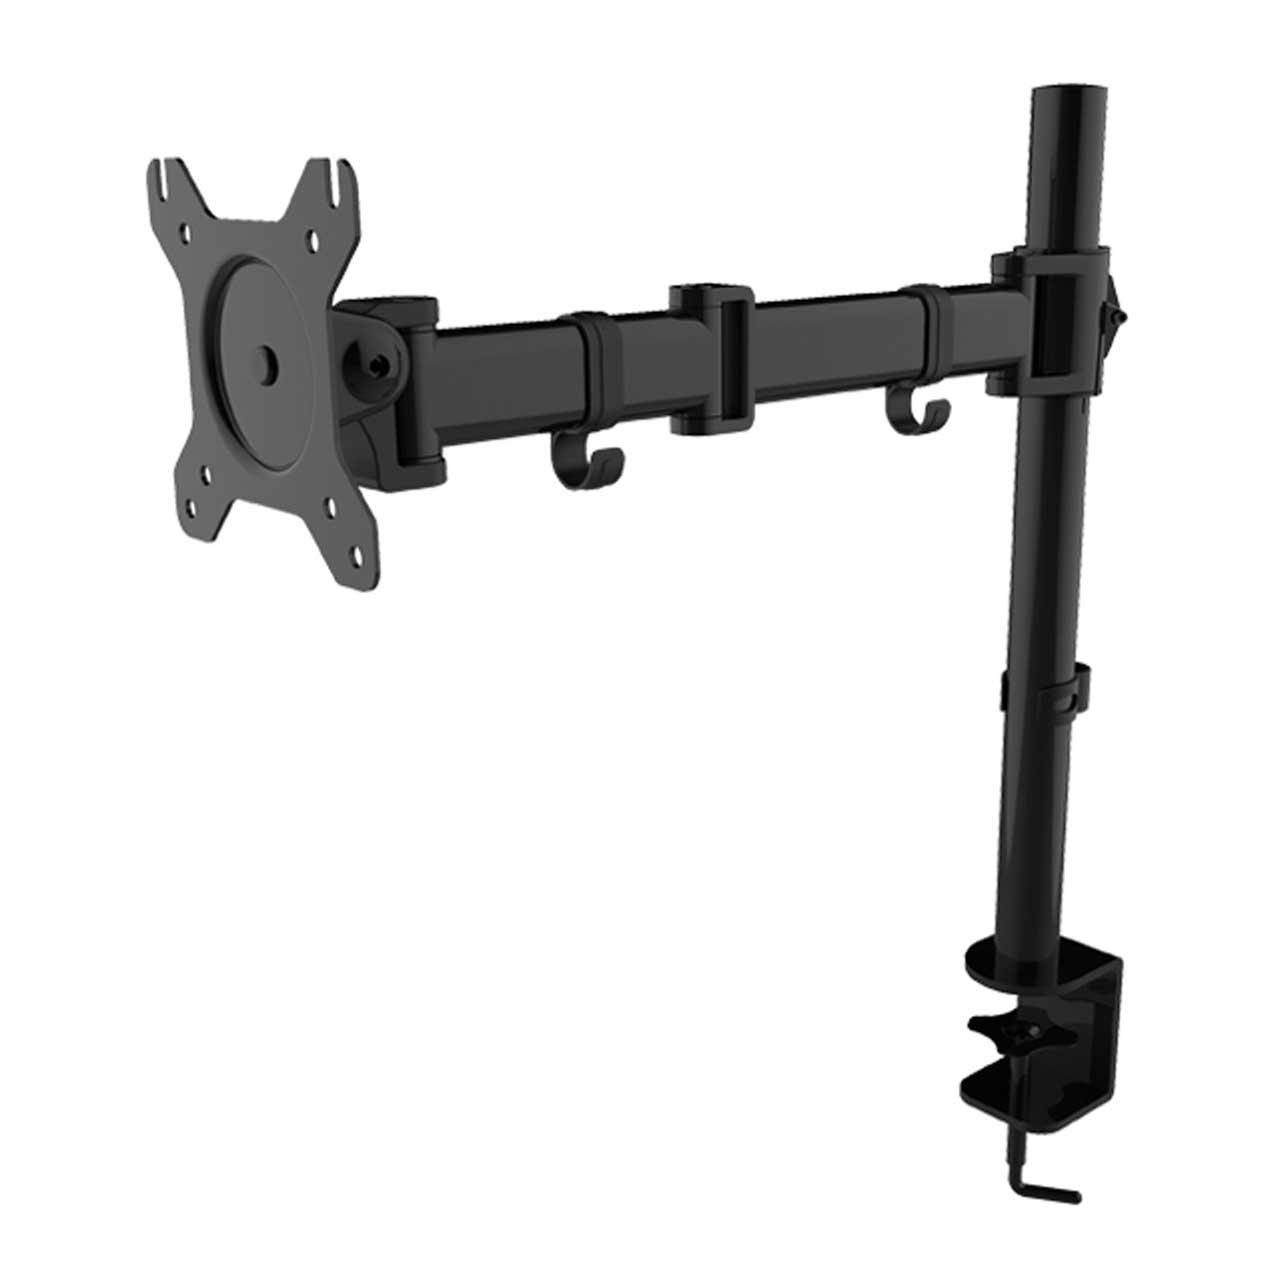 پایه رومیزی متحرک مانیتور مدل VM-D28